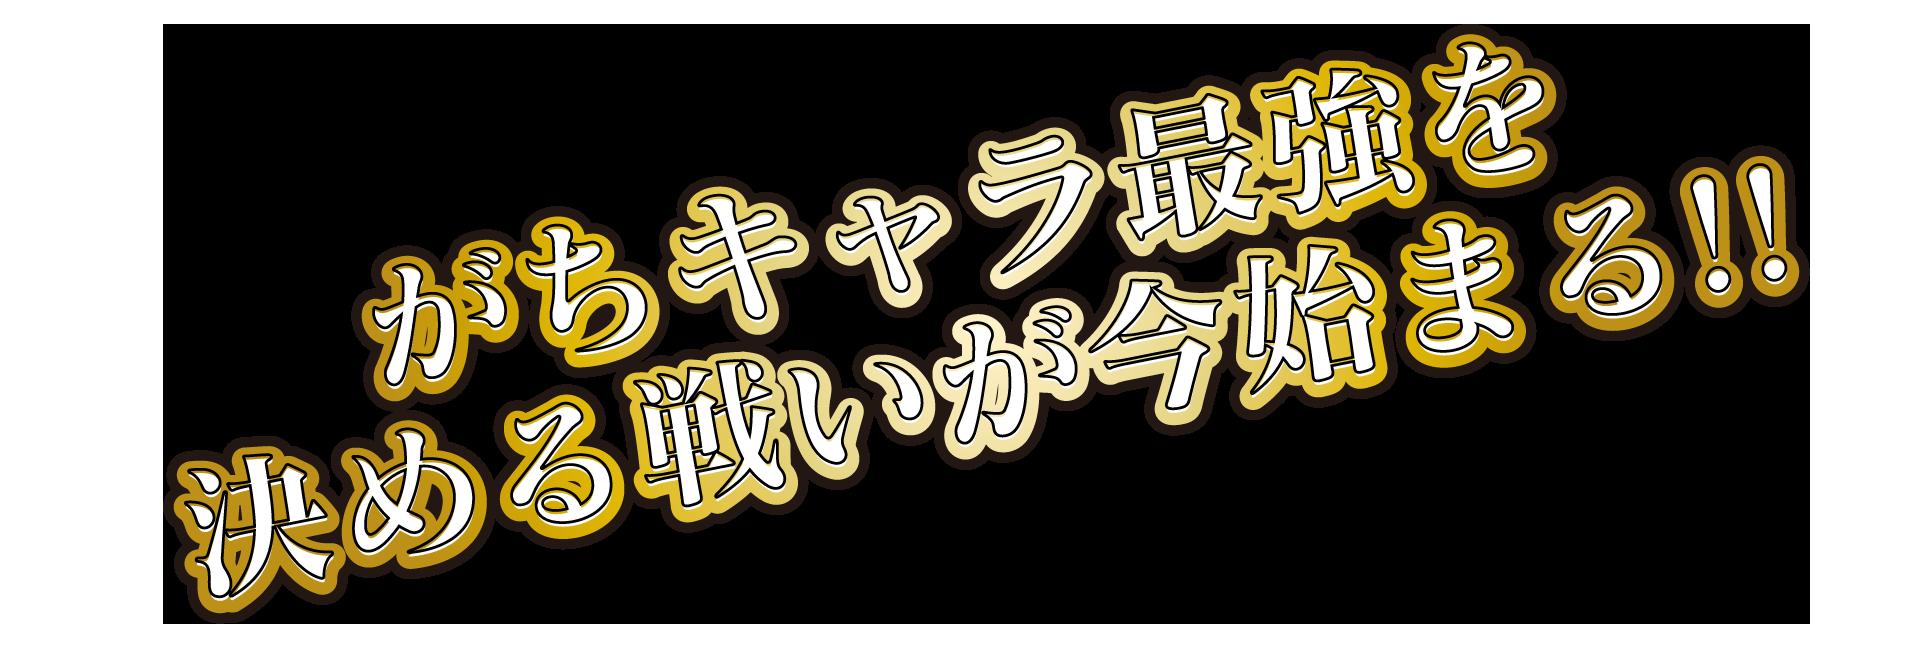 がちキャラ最強を決める戦いが今始まる!!